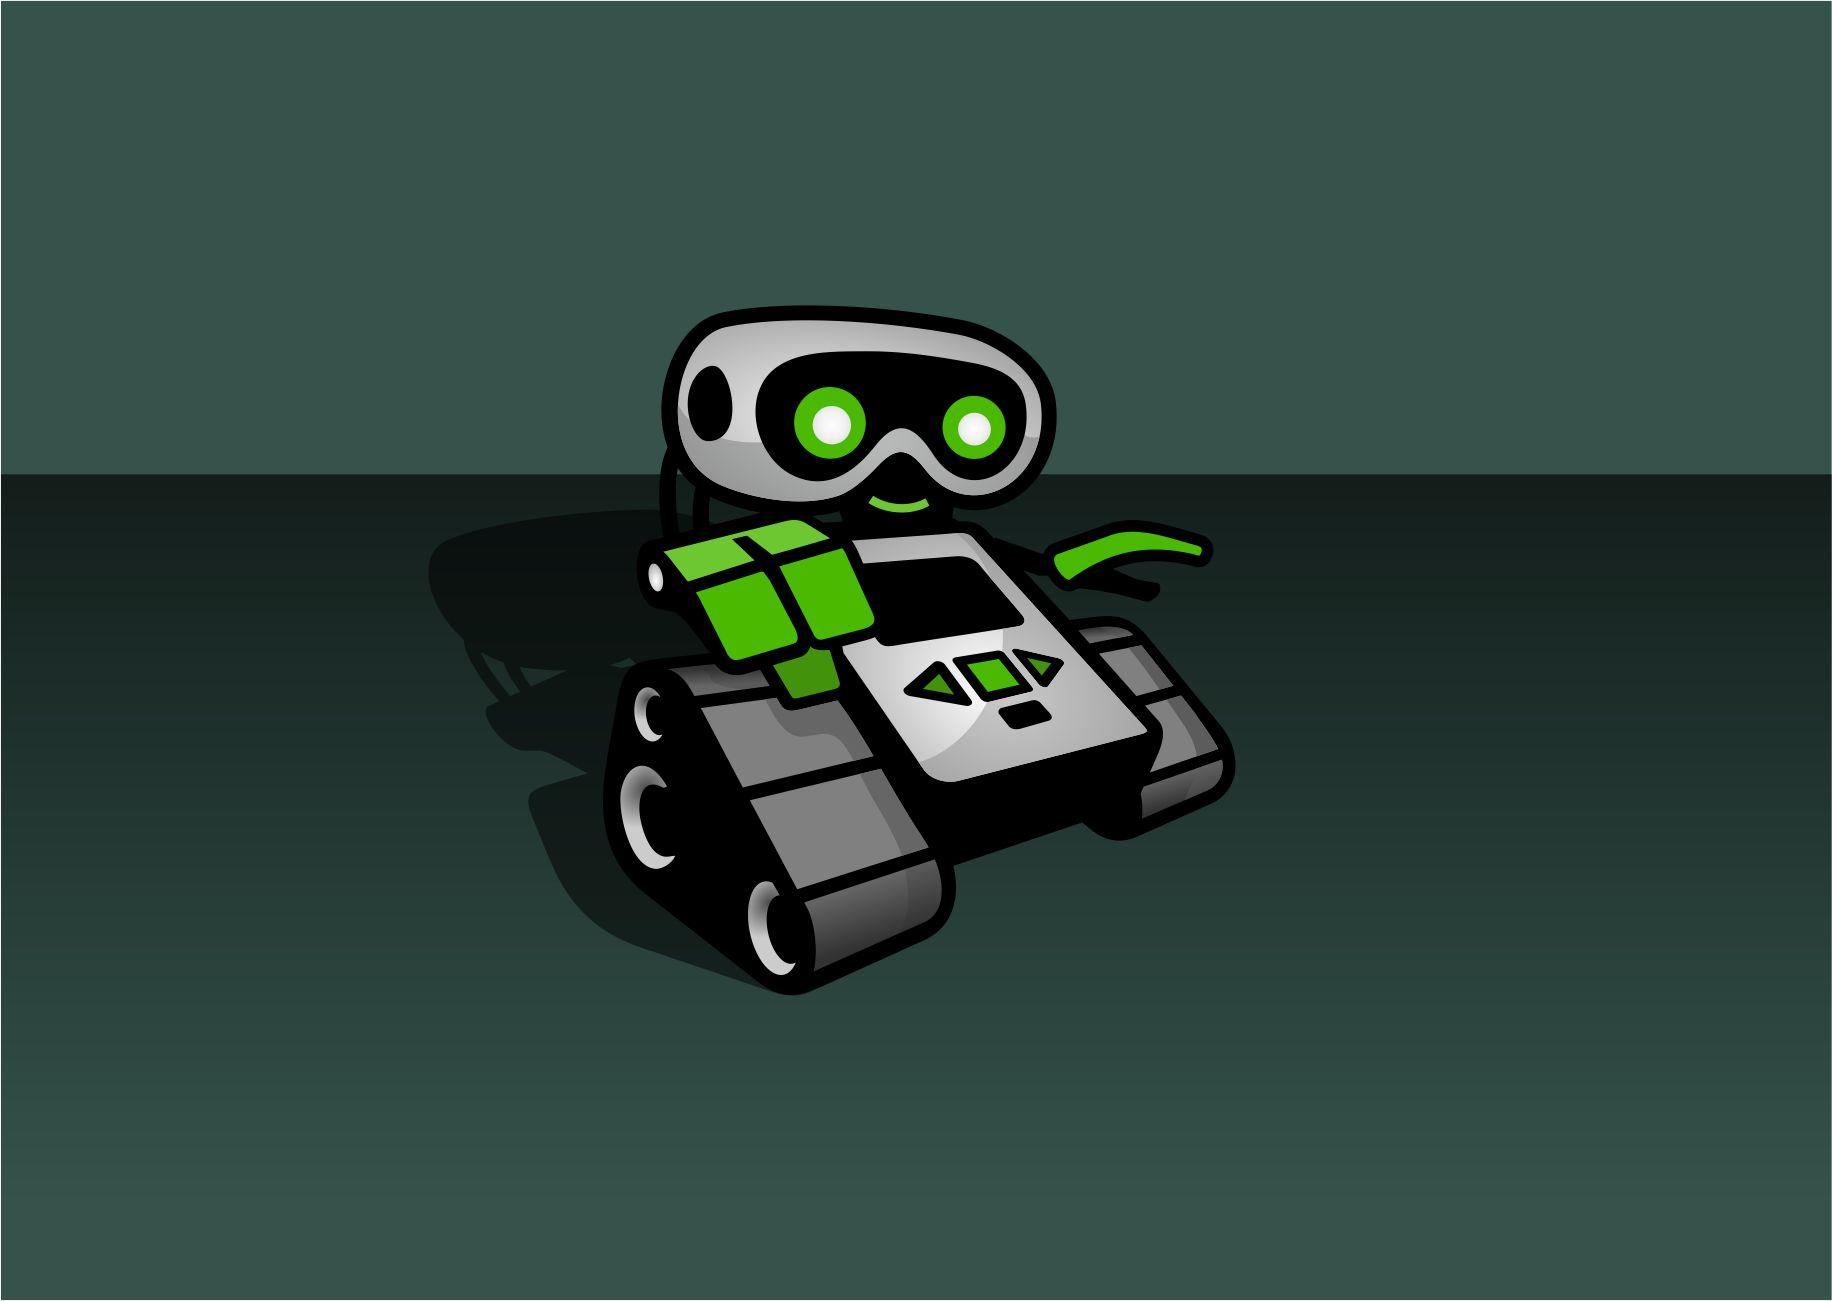 Разработка логотипа и фирменного стиля фото f_57359afbdd2ce84e.jpg